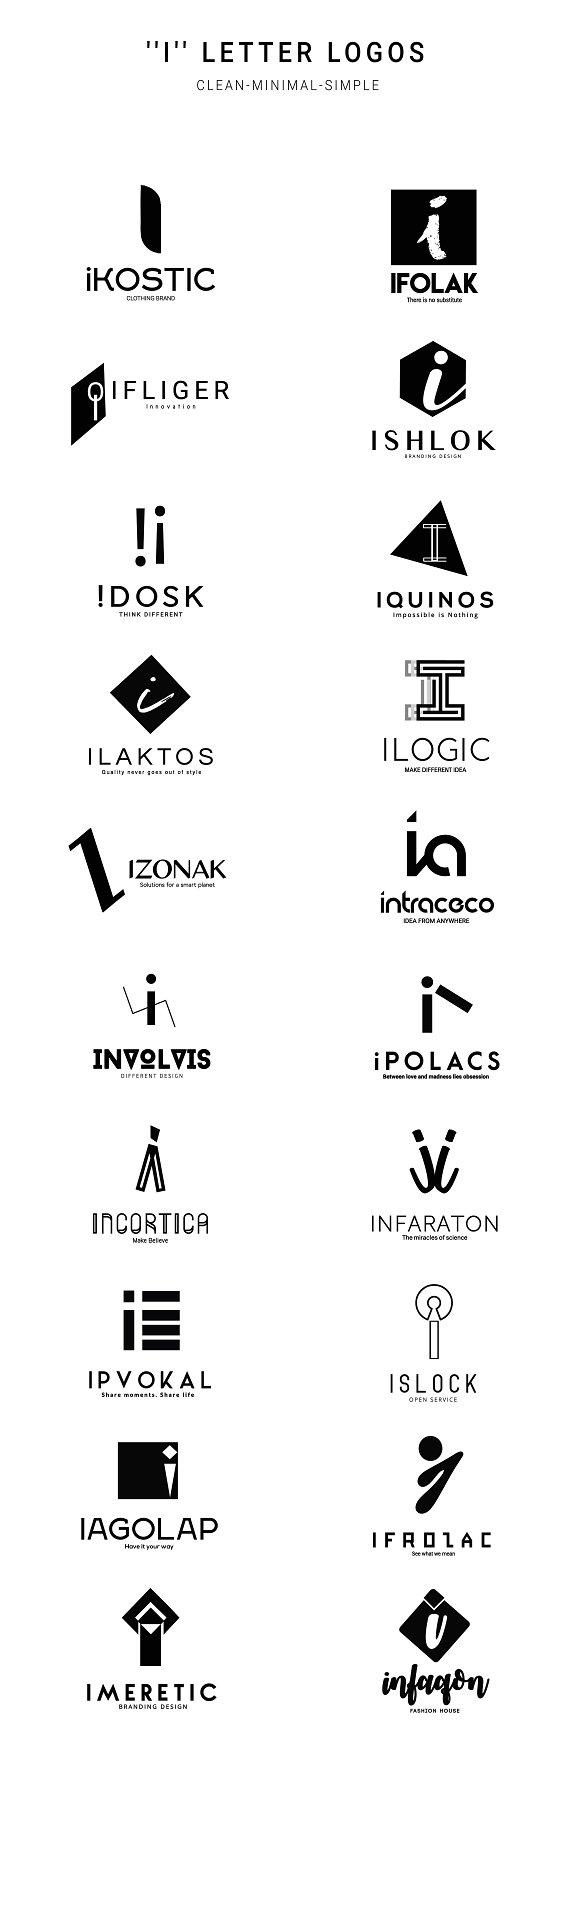 520 A to Z Logos Bundle